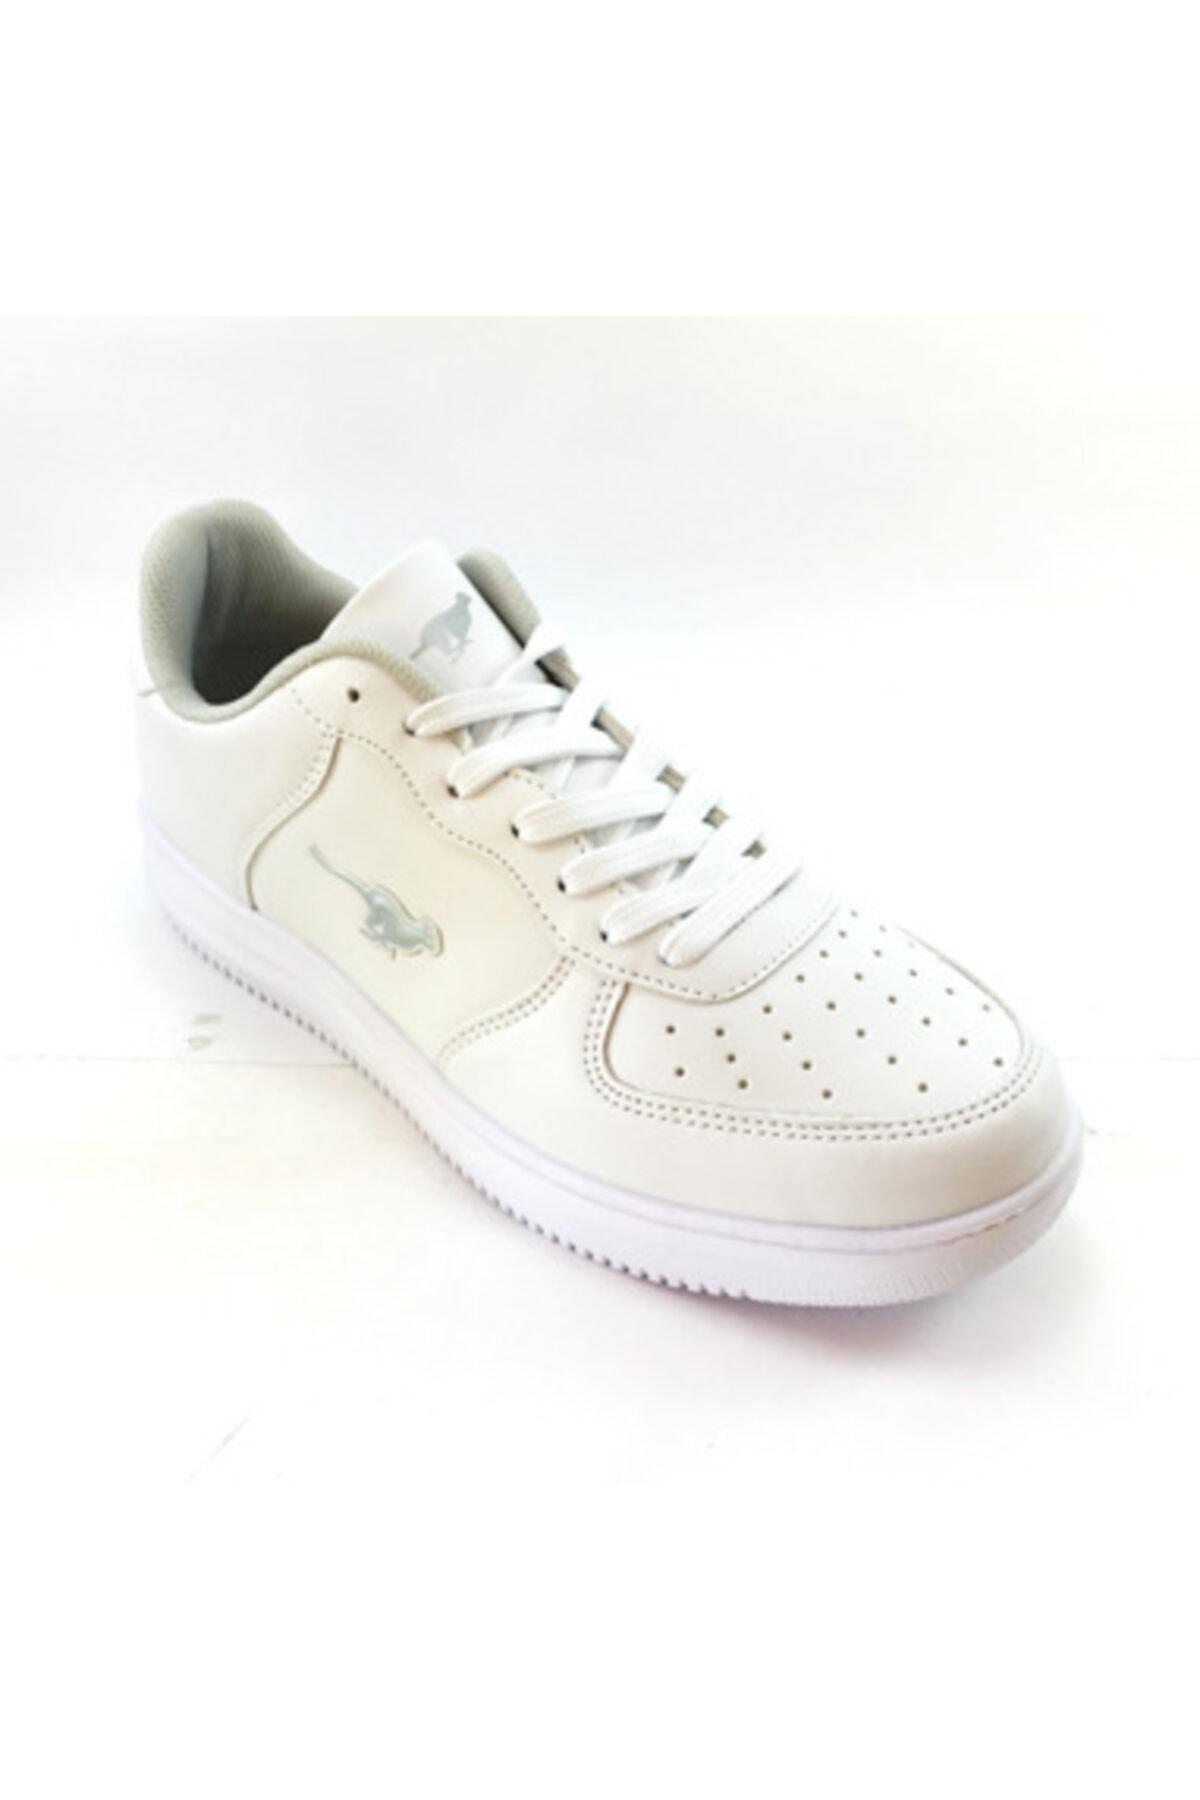 Cheta Unisex Beyaz Ortopedik Comfort Cilt Spor Ayakkabı 2